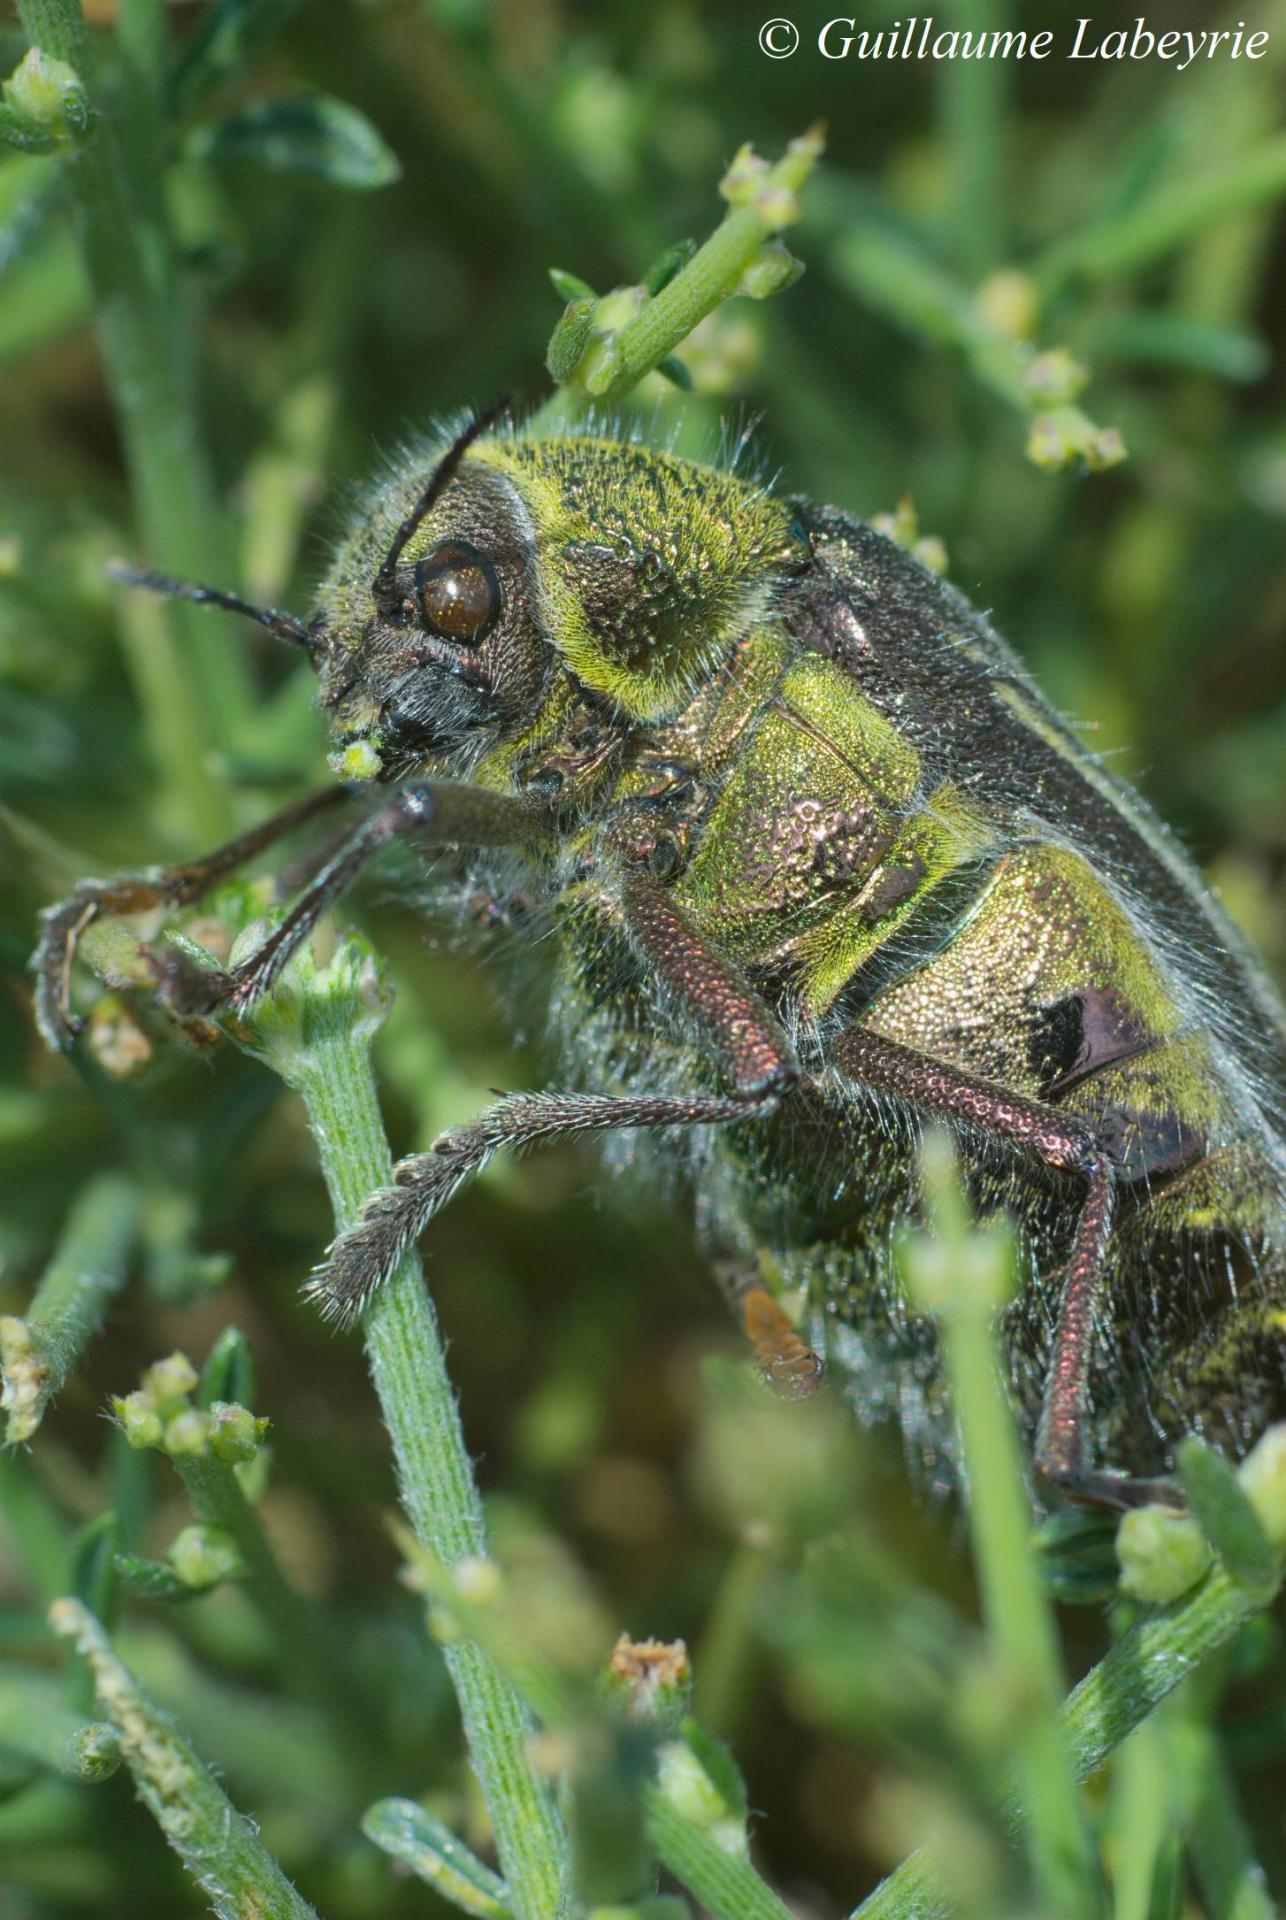 Julodis pubescens